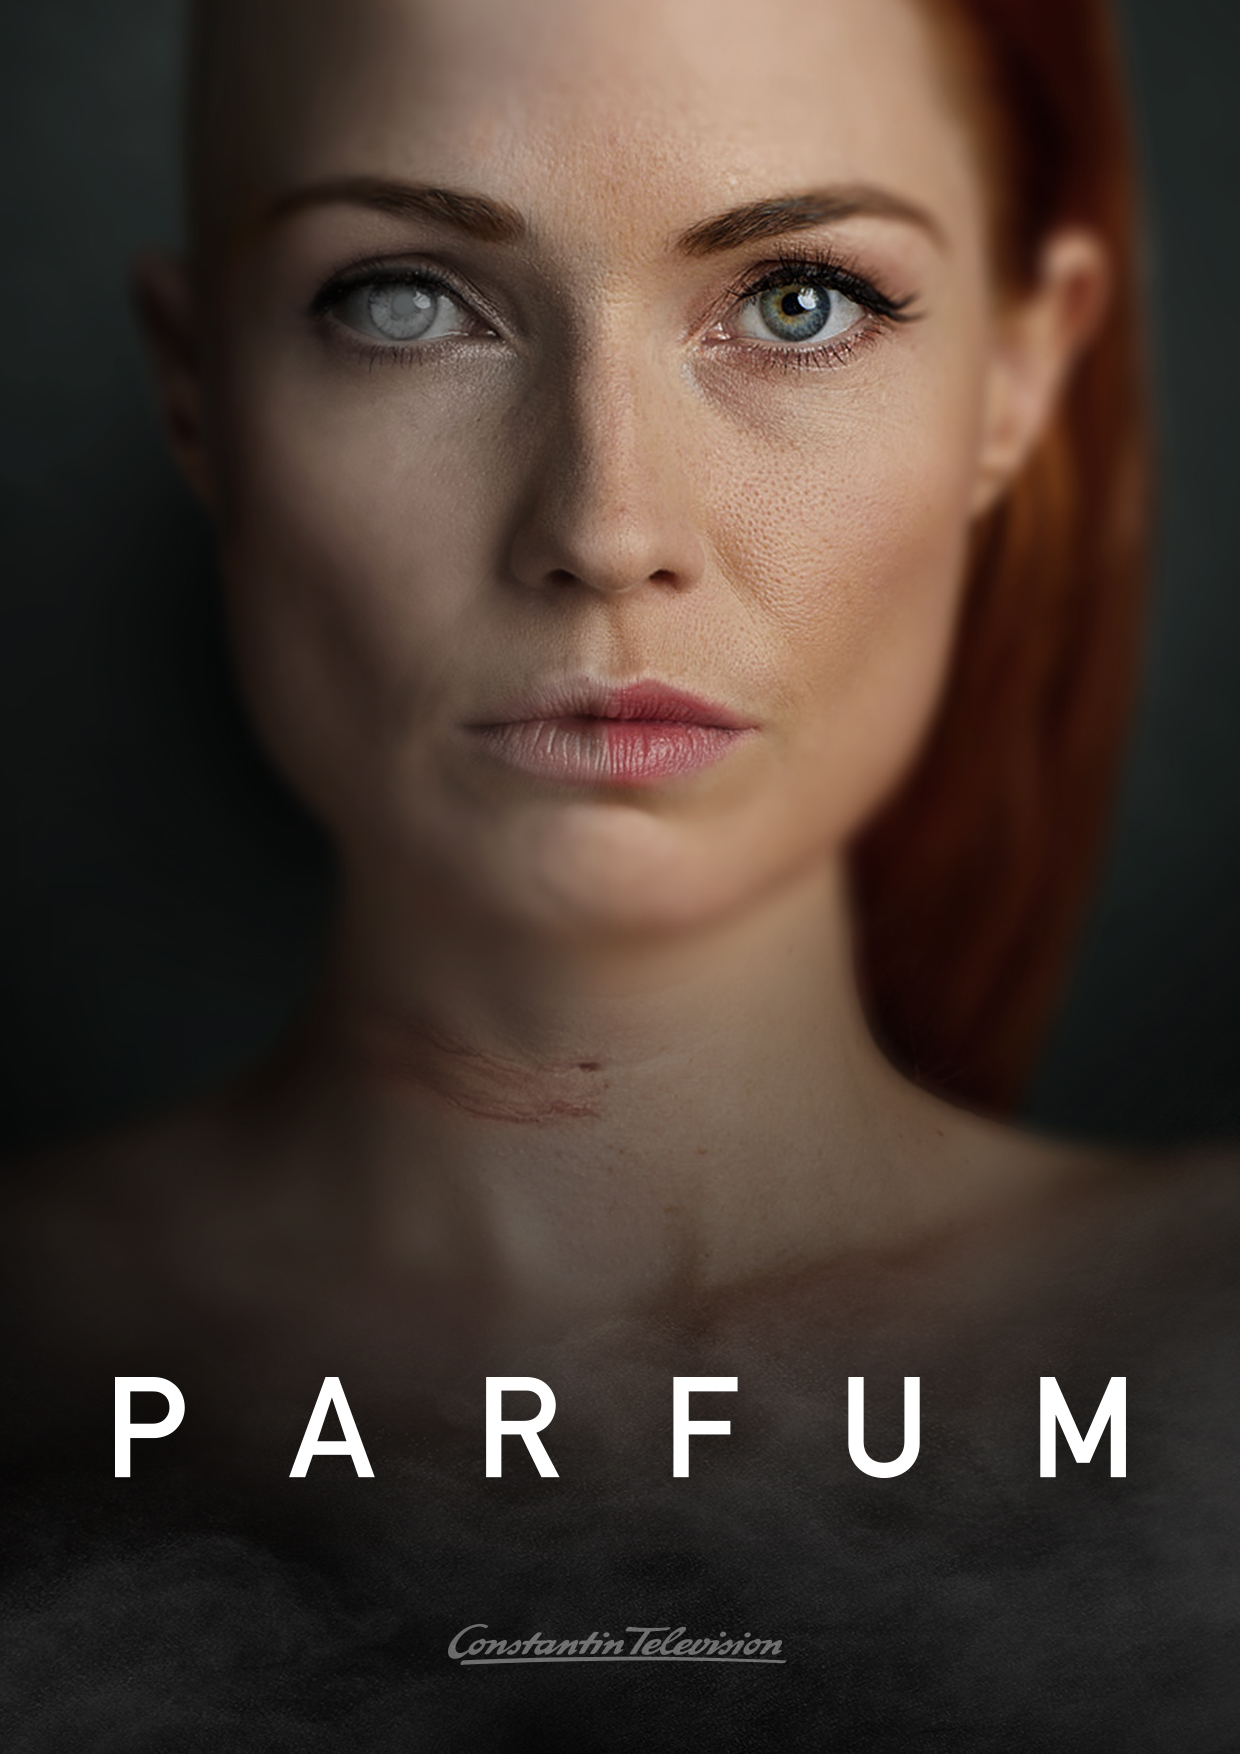 Parfum Netflix Soap Images